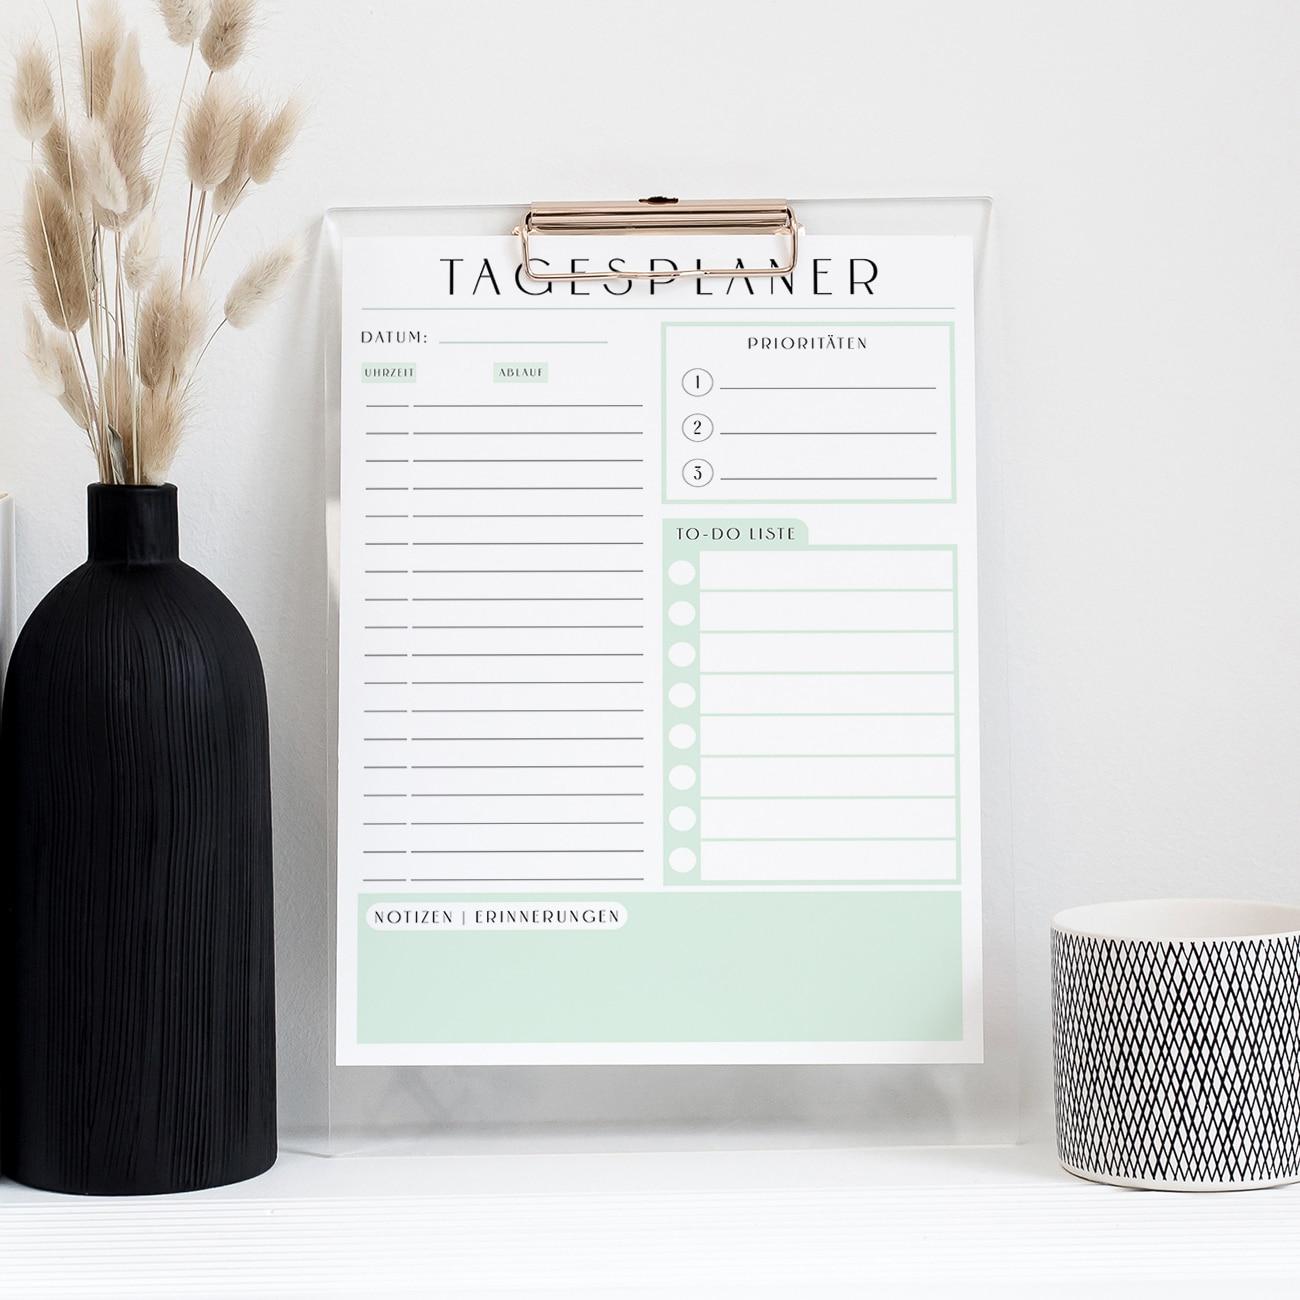 Tagesplan zum ausdrucken tagesplaner druckbar ausfüllbar modern